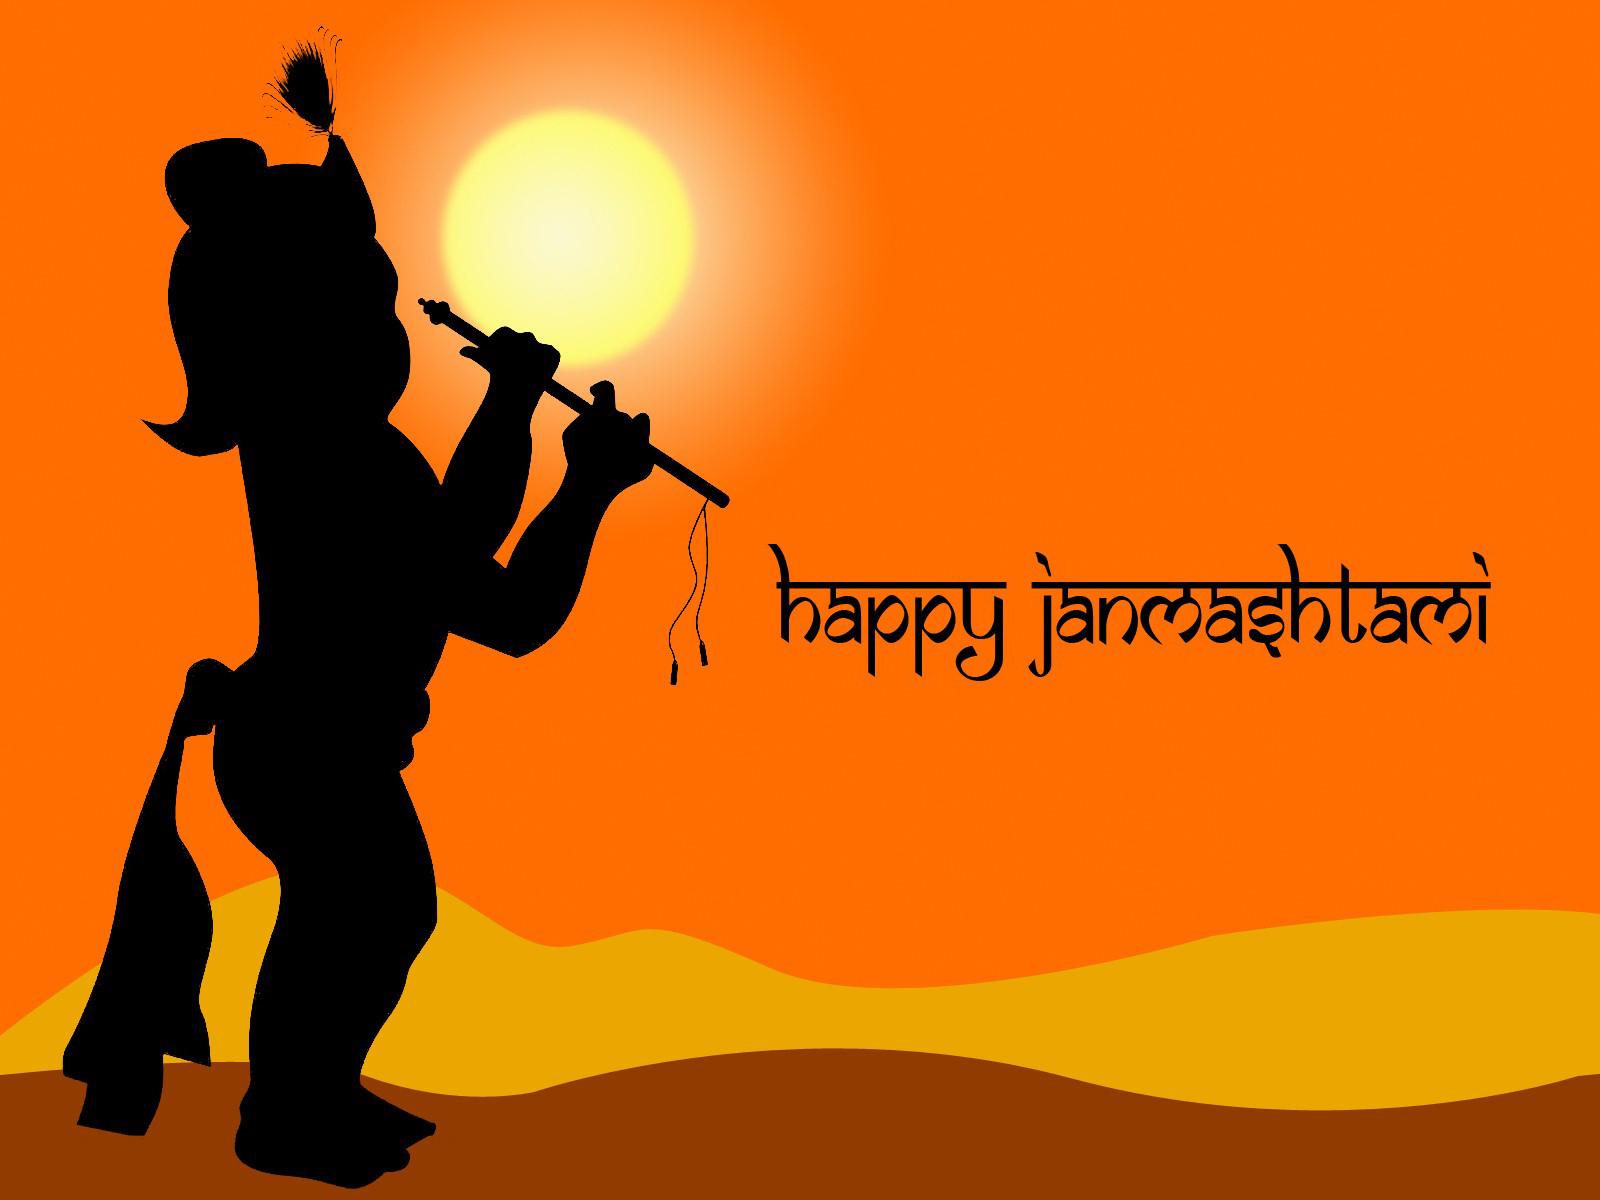 Ravishment Happy Krishna Janmashtami Celebration and Birthday